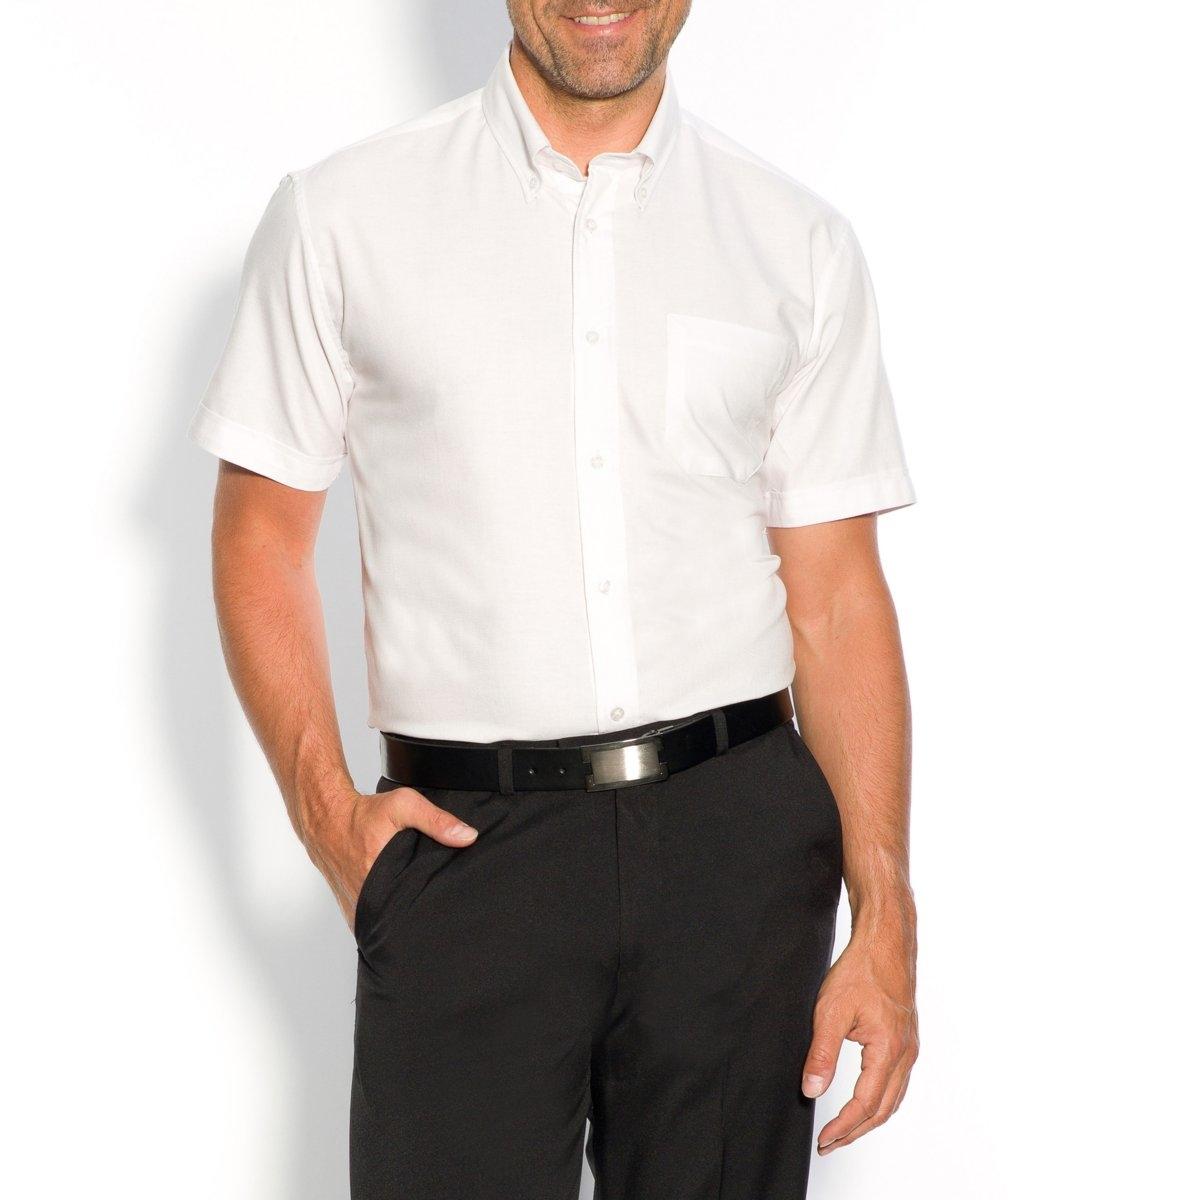 Рубашка хлопковаяДетали •  Короткие рукава •  Прямой покрой •  Воротник классический •  Воротник на пуговицахСостав и уход •  70% хлопка, 30% полиэстера •  Машинная стирка при 40° •  Сухая чистка и отбеливание запрещены •  Барабанная сушка при умеренном режиме •  Гладить при средней температуреТовар из коллекции больших размеров<br><br>Цвет: белый,небесно-голубой,светло-серый,темно-синий<br>Размер: 45/46.55/56.41/42.45/46.55/56.53/54.57/58.43/44.47/48.49/50.43/44